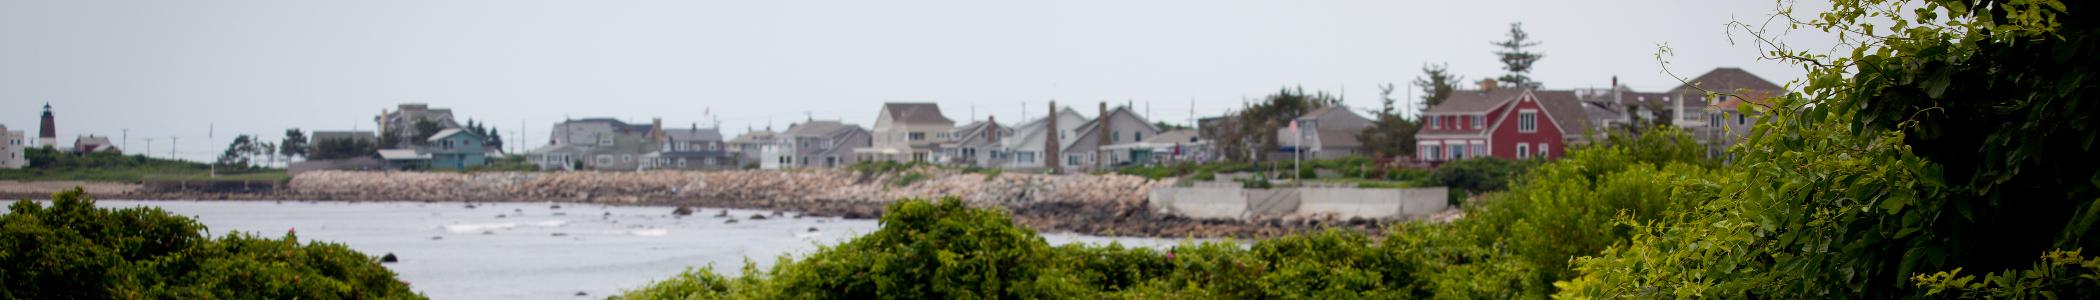 Narragansett Rhode Island Bans Smoking On The Beach